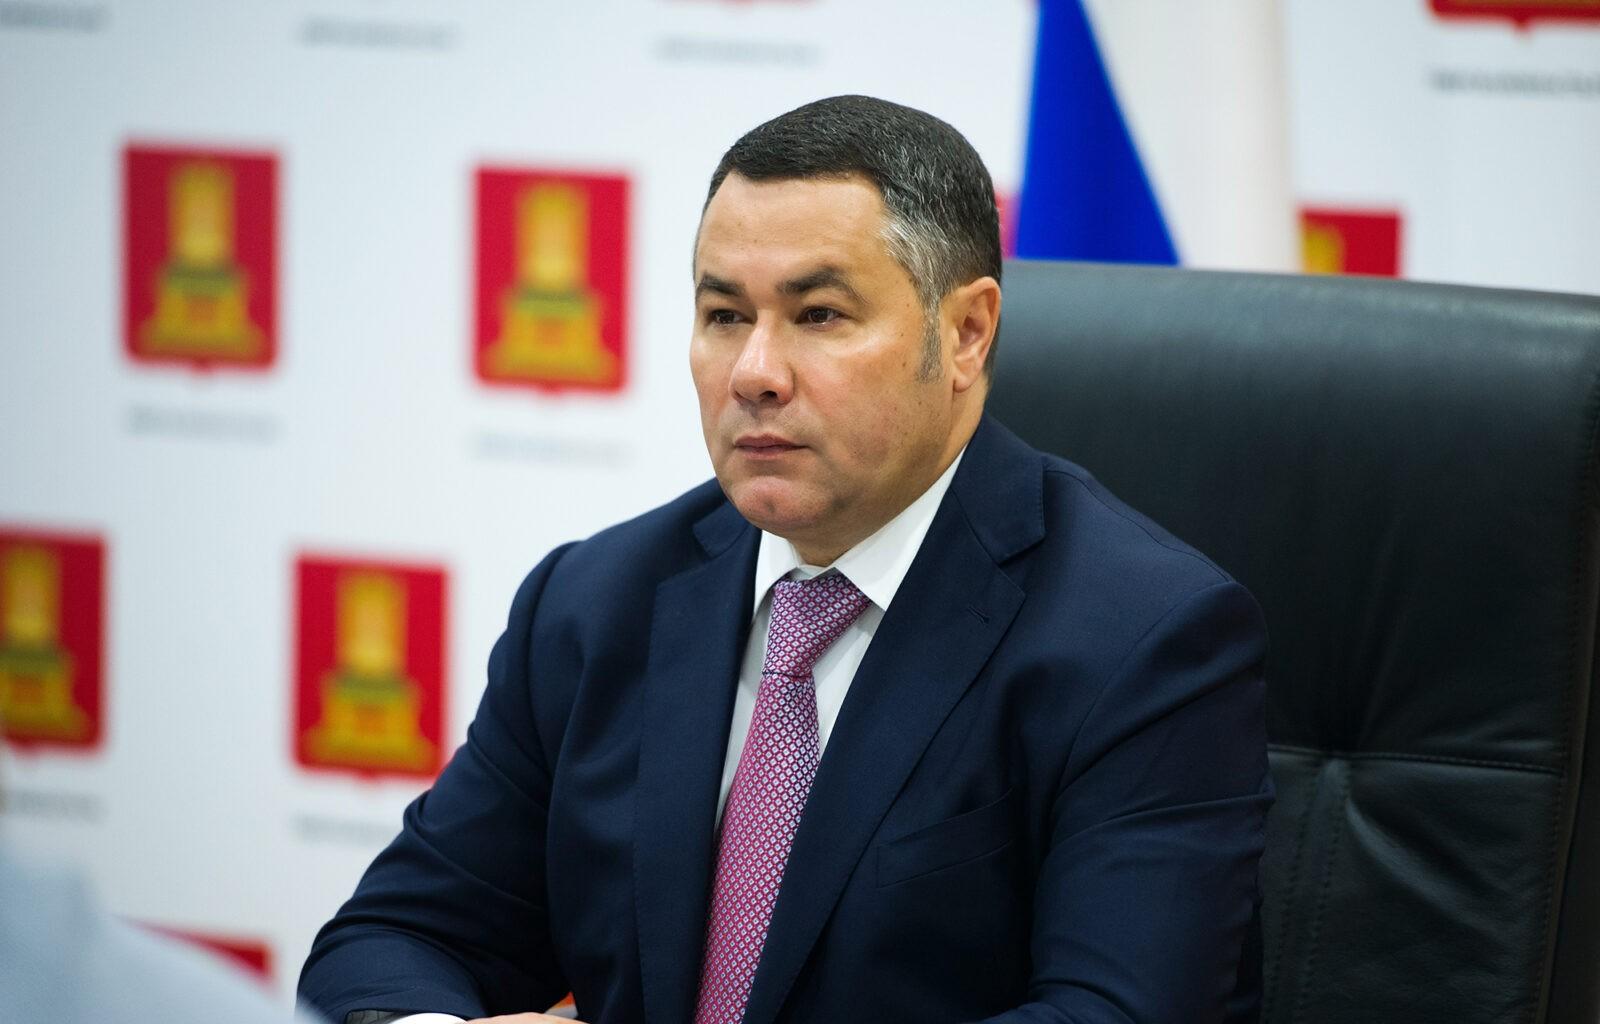 Тверской губернатор Игорь Руденя вошел в состав президиума Государственного совета РФ